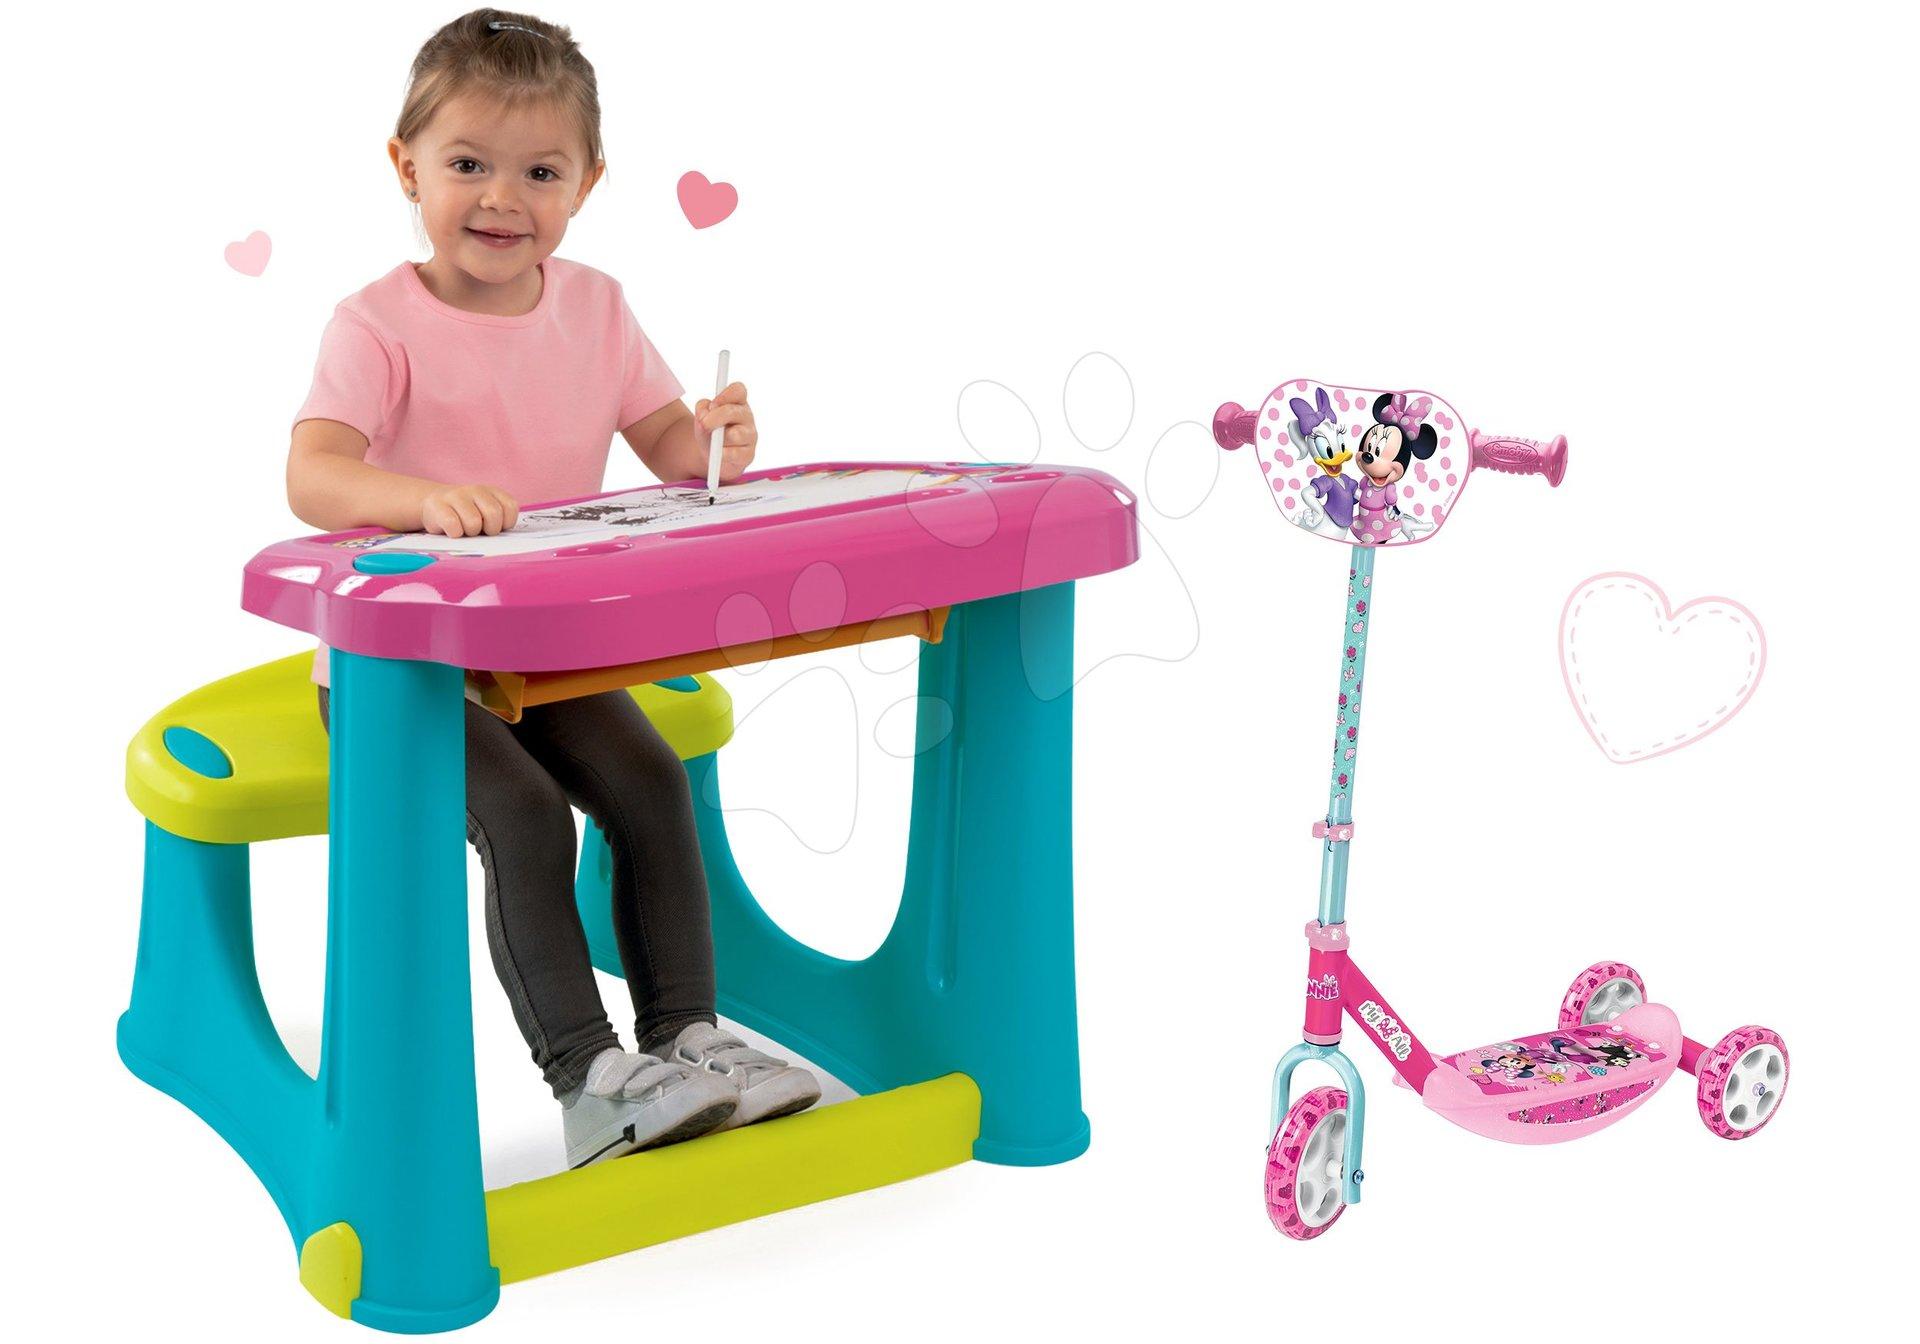 Set lavice na kreslení Magic Desk Smoby Kresli a smaž růžová a koloběžka Minnie tříkolová